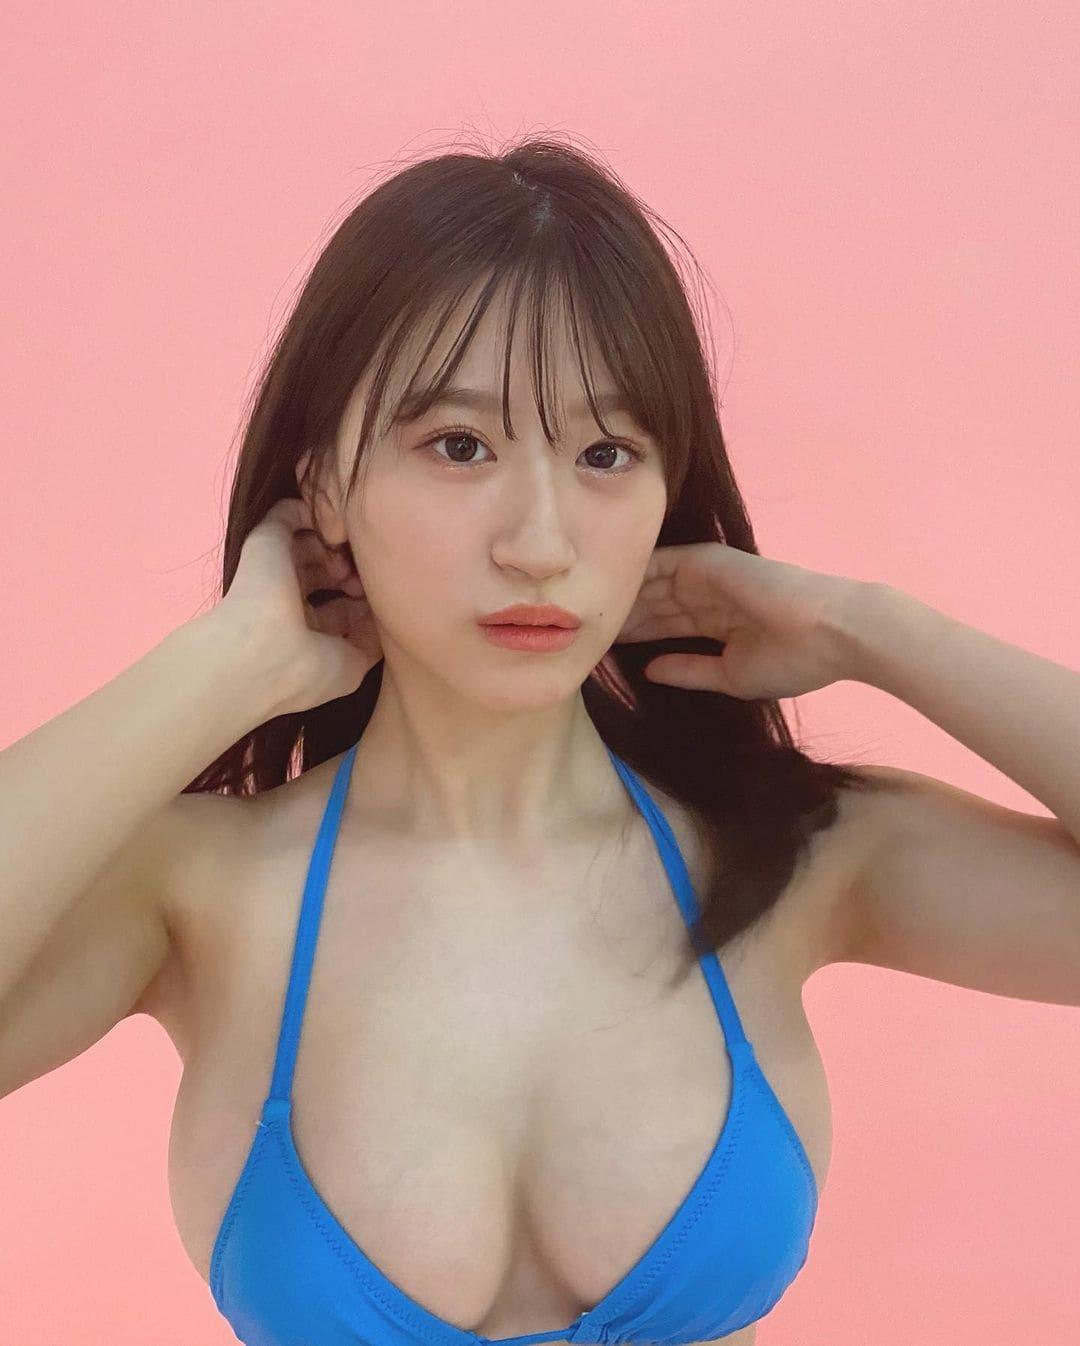 NMB48上西怜「美バストはみ出た小さめビキニ…」表紙争奪バトルへの投票を呼びかけ【画像3枚】の画像003